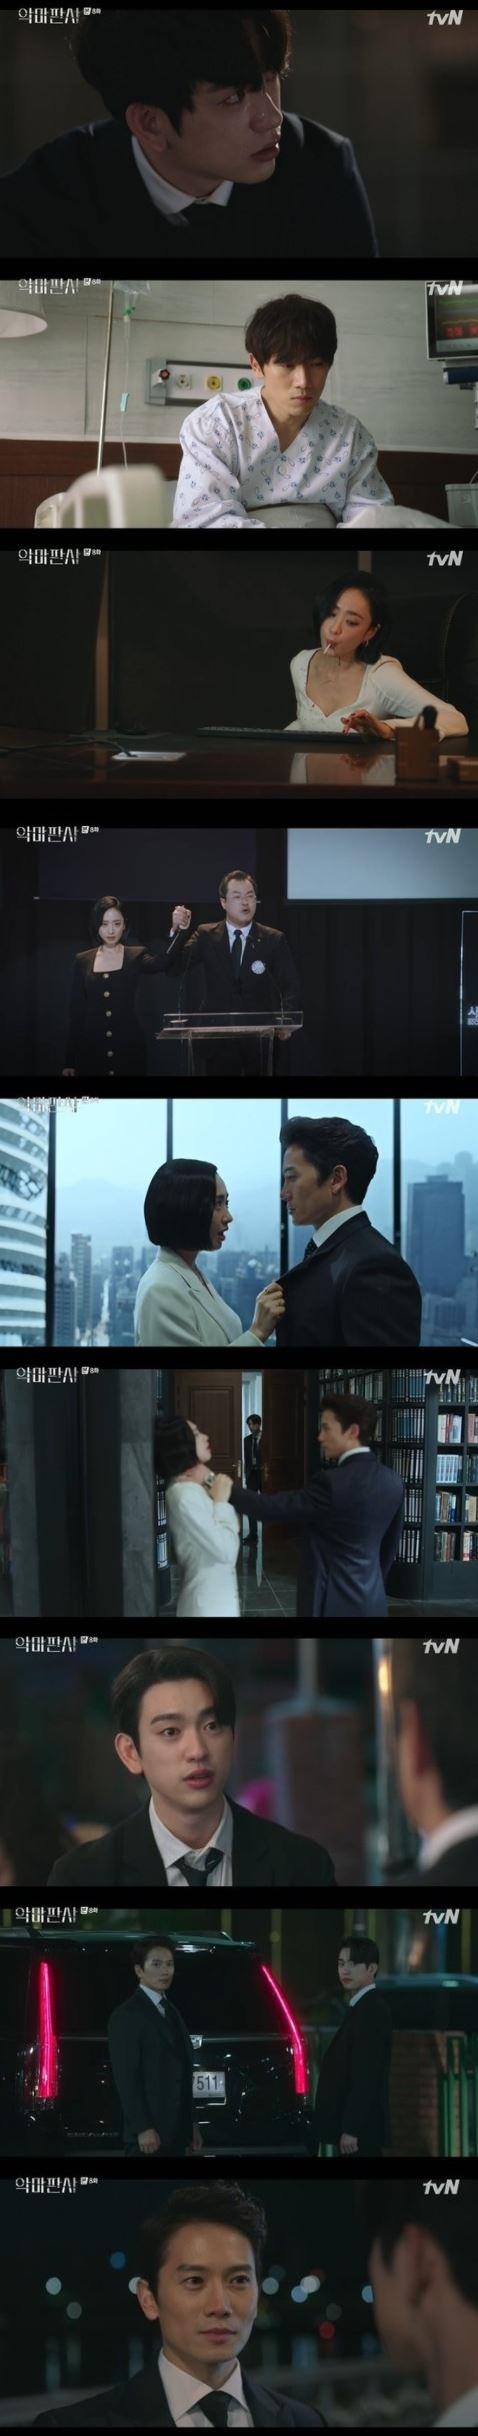 25일 방송된 tvN 드라마 '악마판사' 캡처 화면